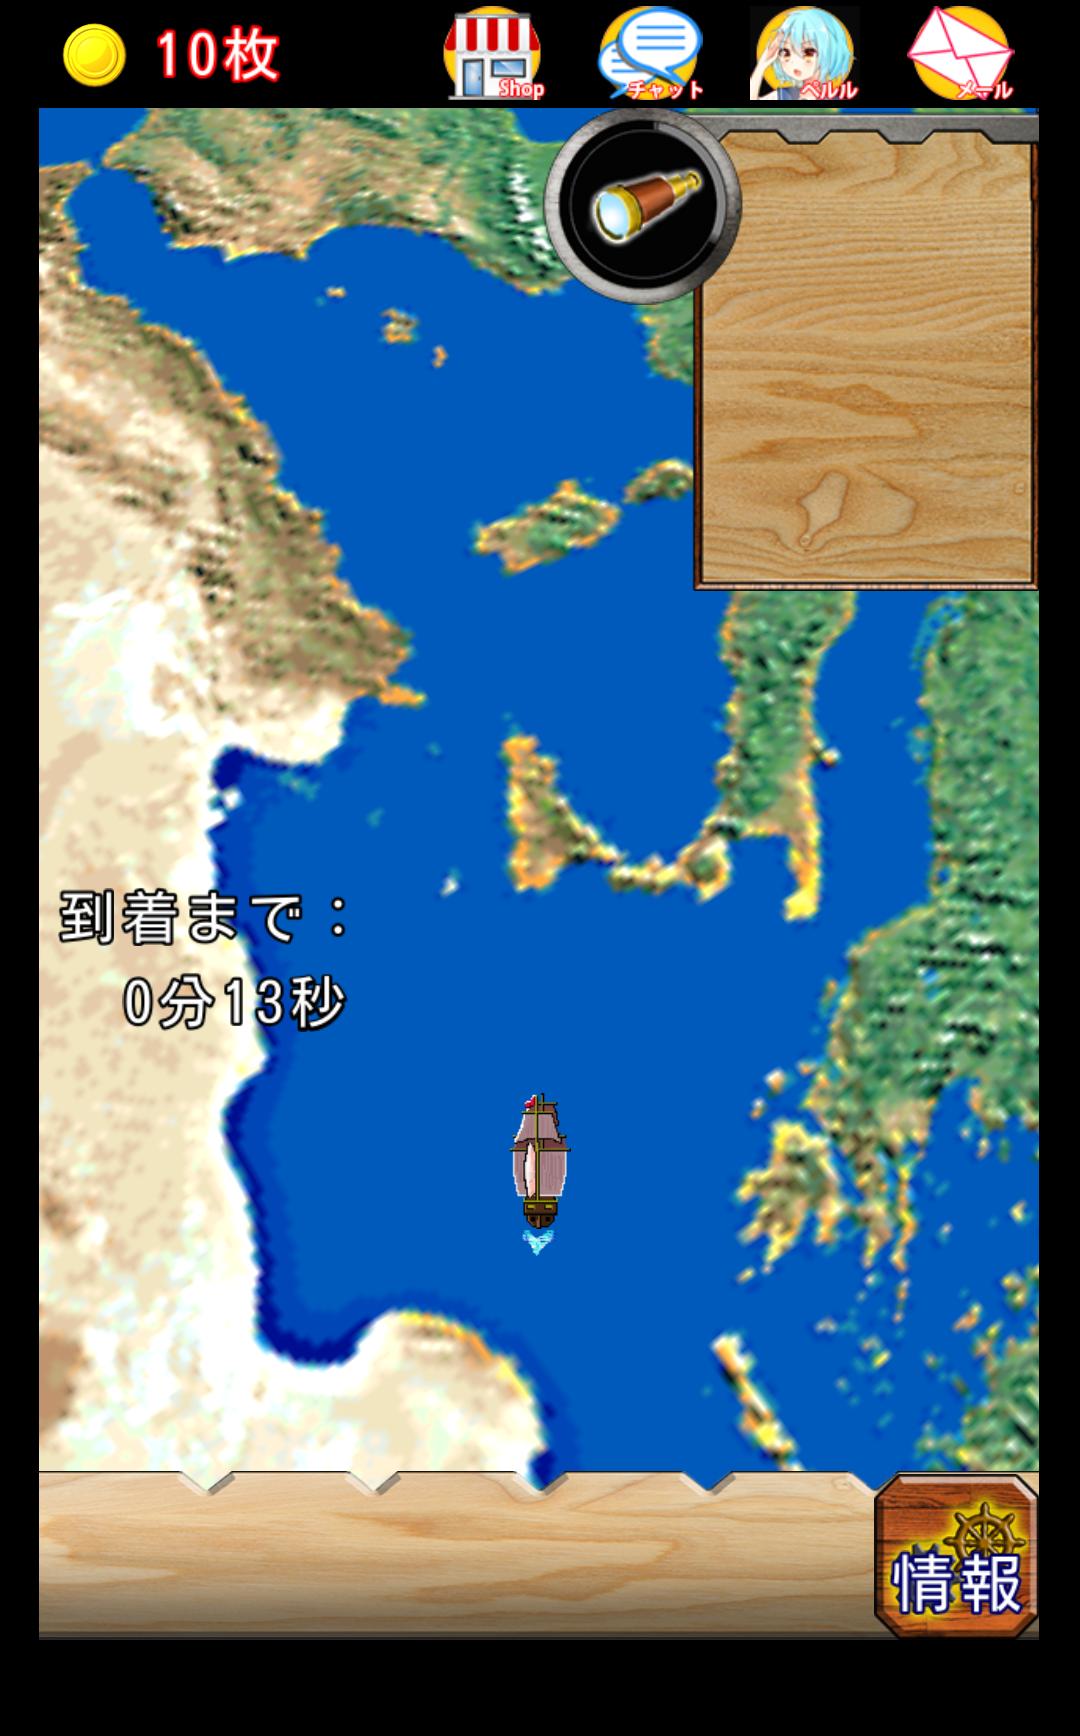 androidアプリ ネット航海時代攻略スクリーンショット7